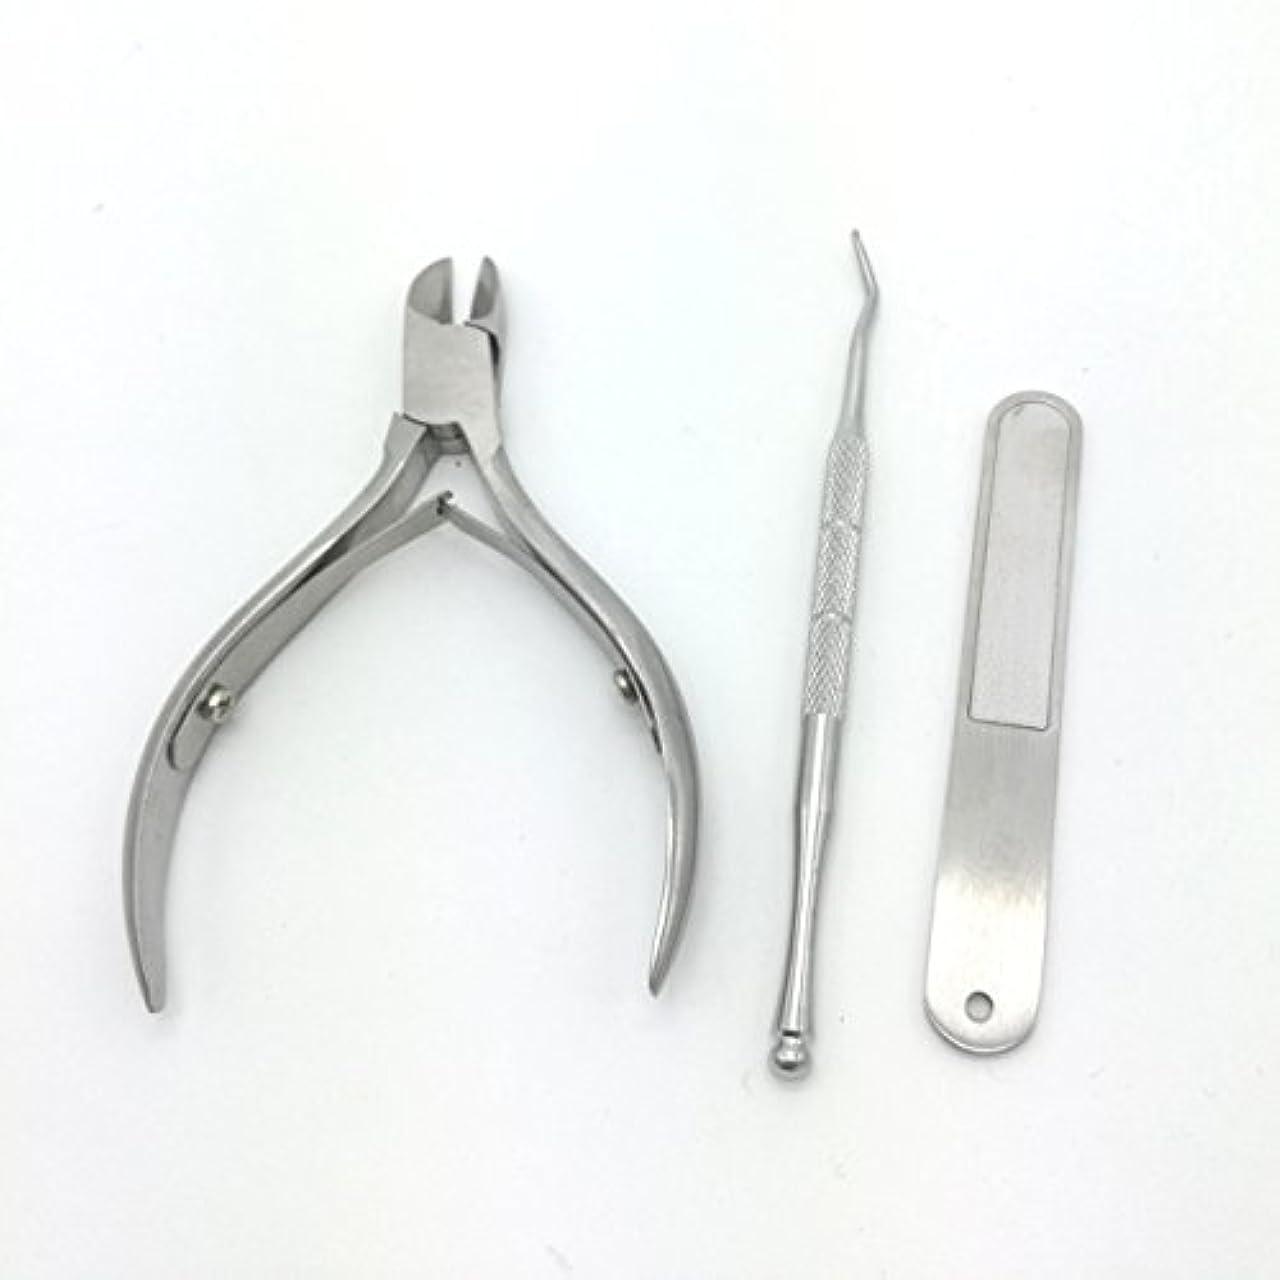 溶かす単に確かな爪切り 改良版ニッパー爪切り ステンレス製 ニッパー式爪切り ネイルニッパー 爪やすり、ゾンデ付き お年寄りプレゼント 贈答ケース付属